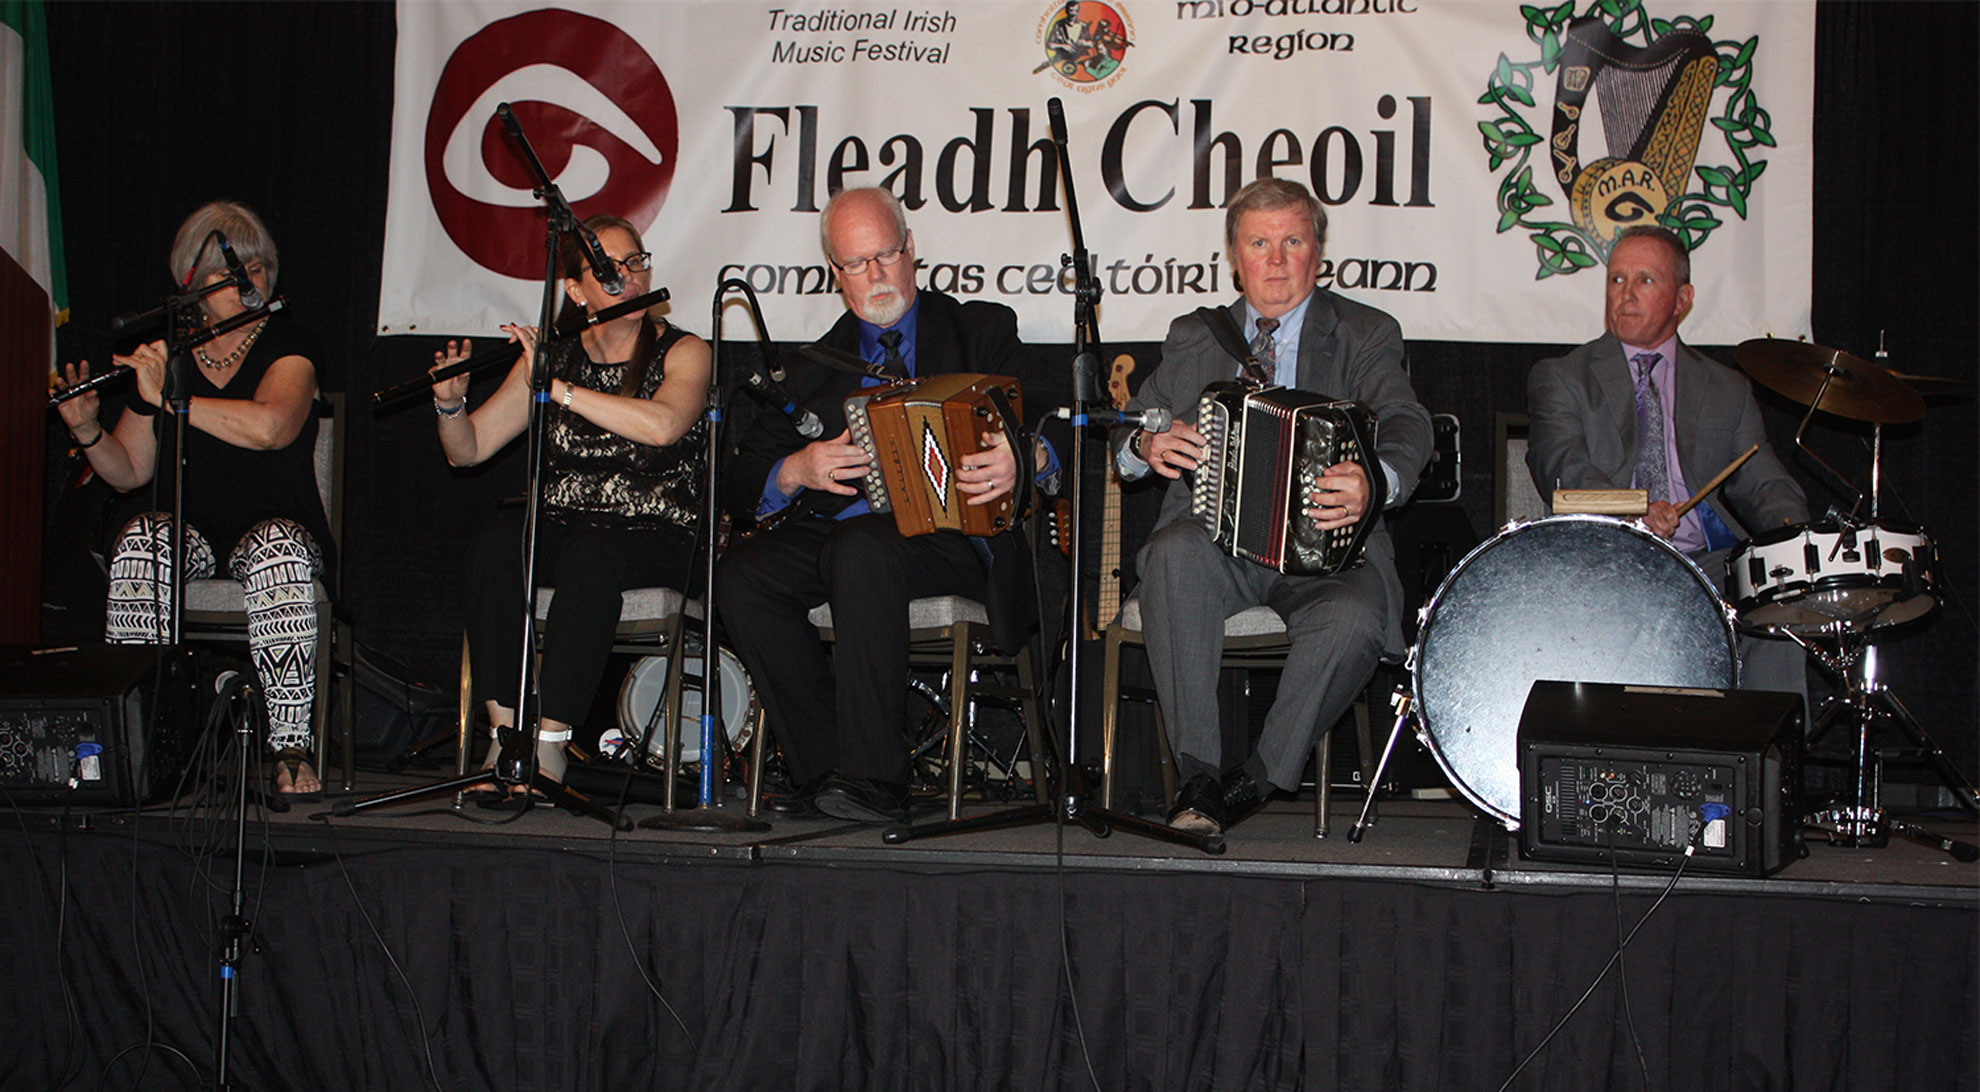 Comhaltas Ceoltóirí Éireann Mid Atlantic Region Hall of Fame concert